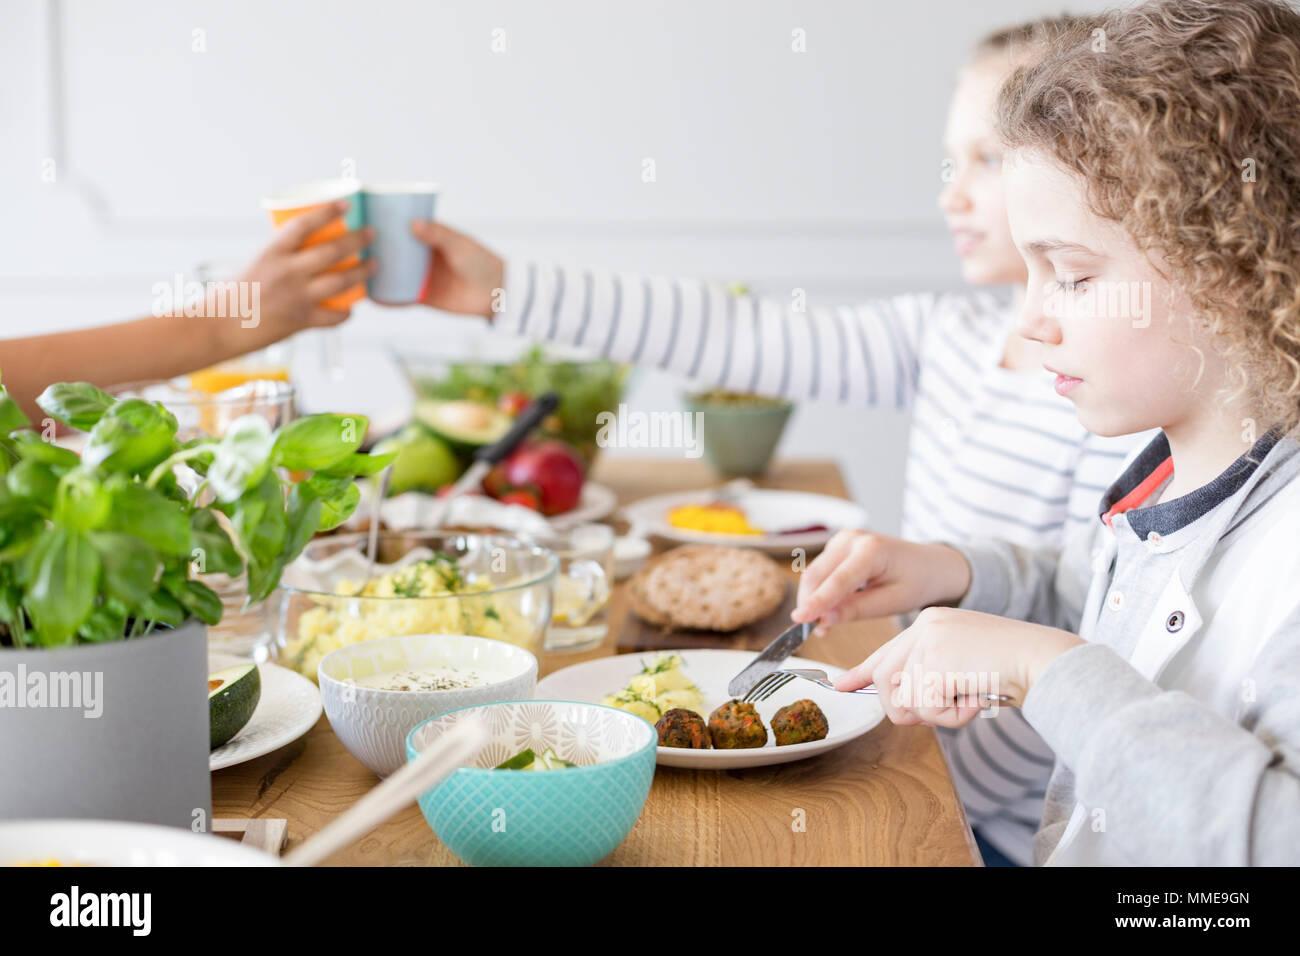 Boy eating falafel lors d'anniversaire à la maison. Régime alimentaire sain pour les enfants Photo Stock